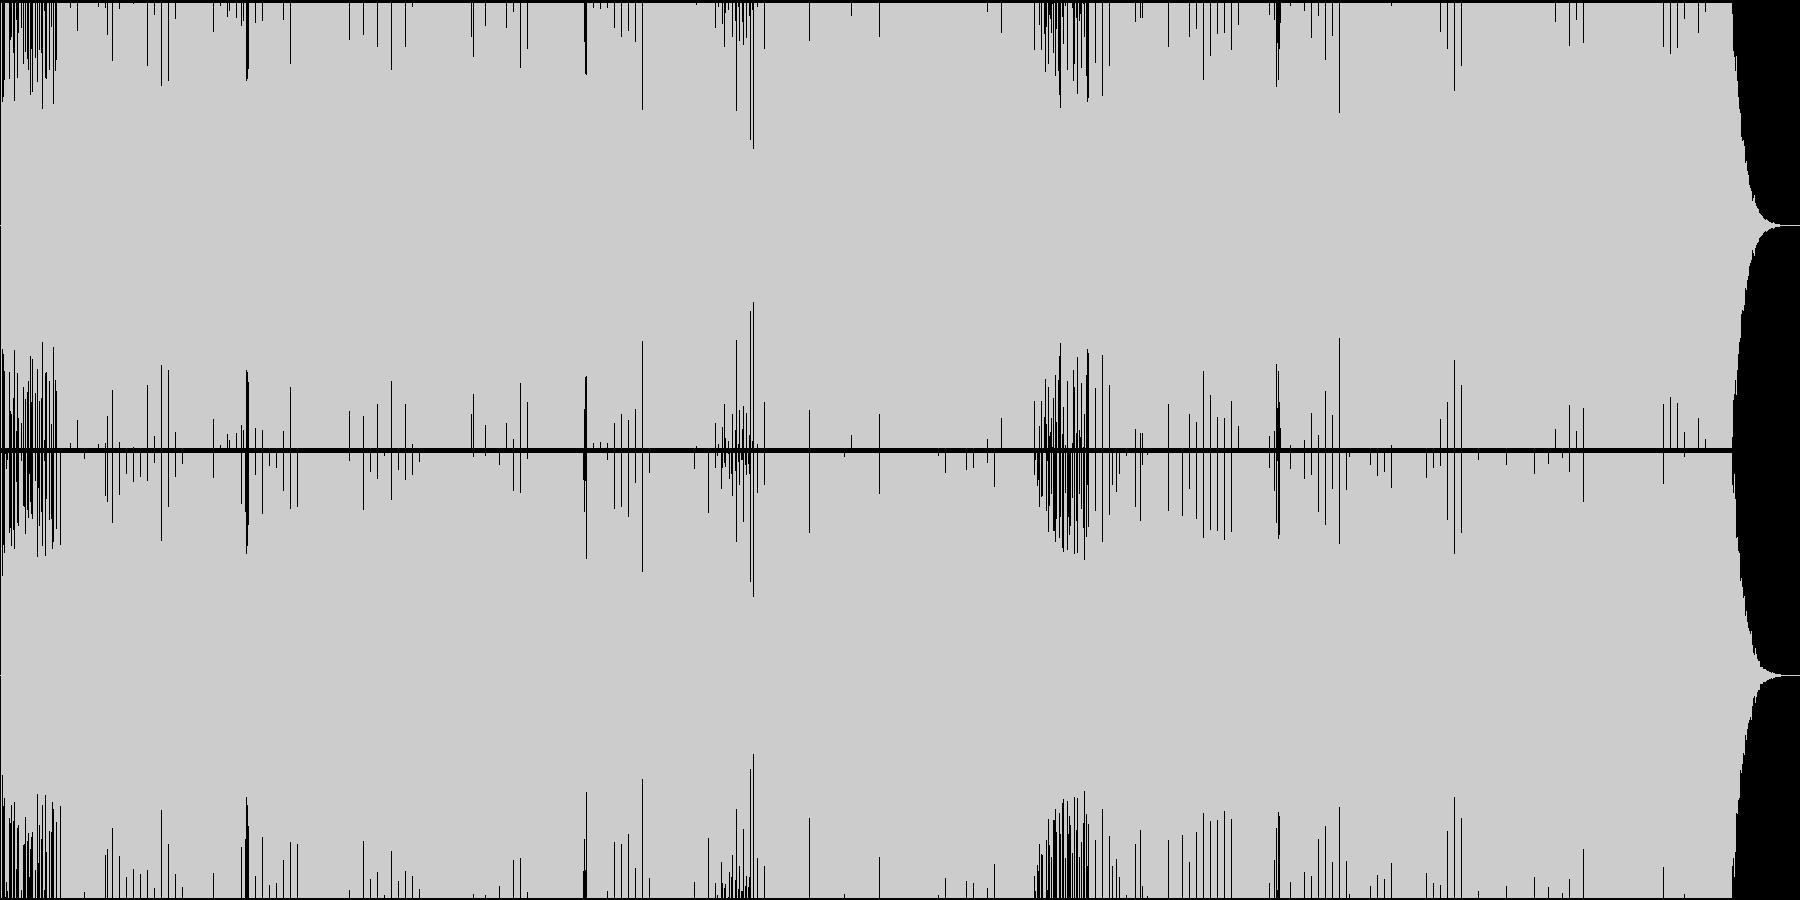 「トルコ行進曲」トランス系アレンジの未再生の波形